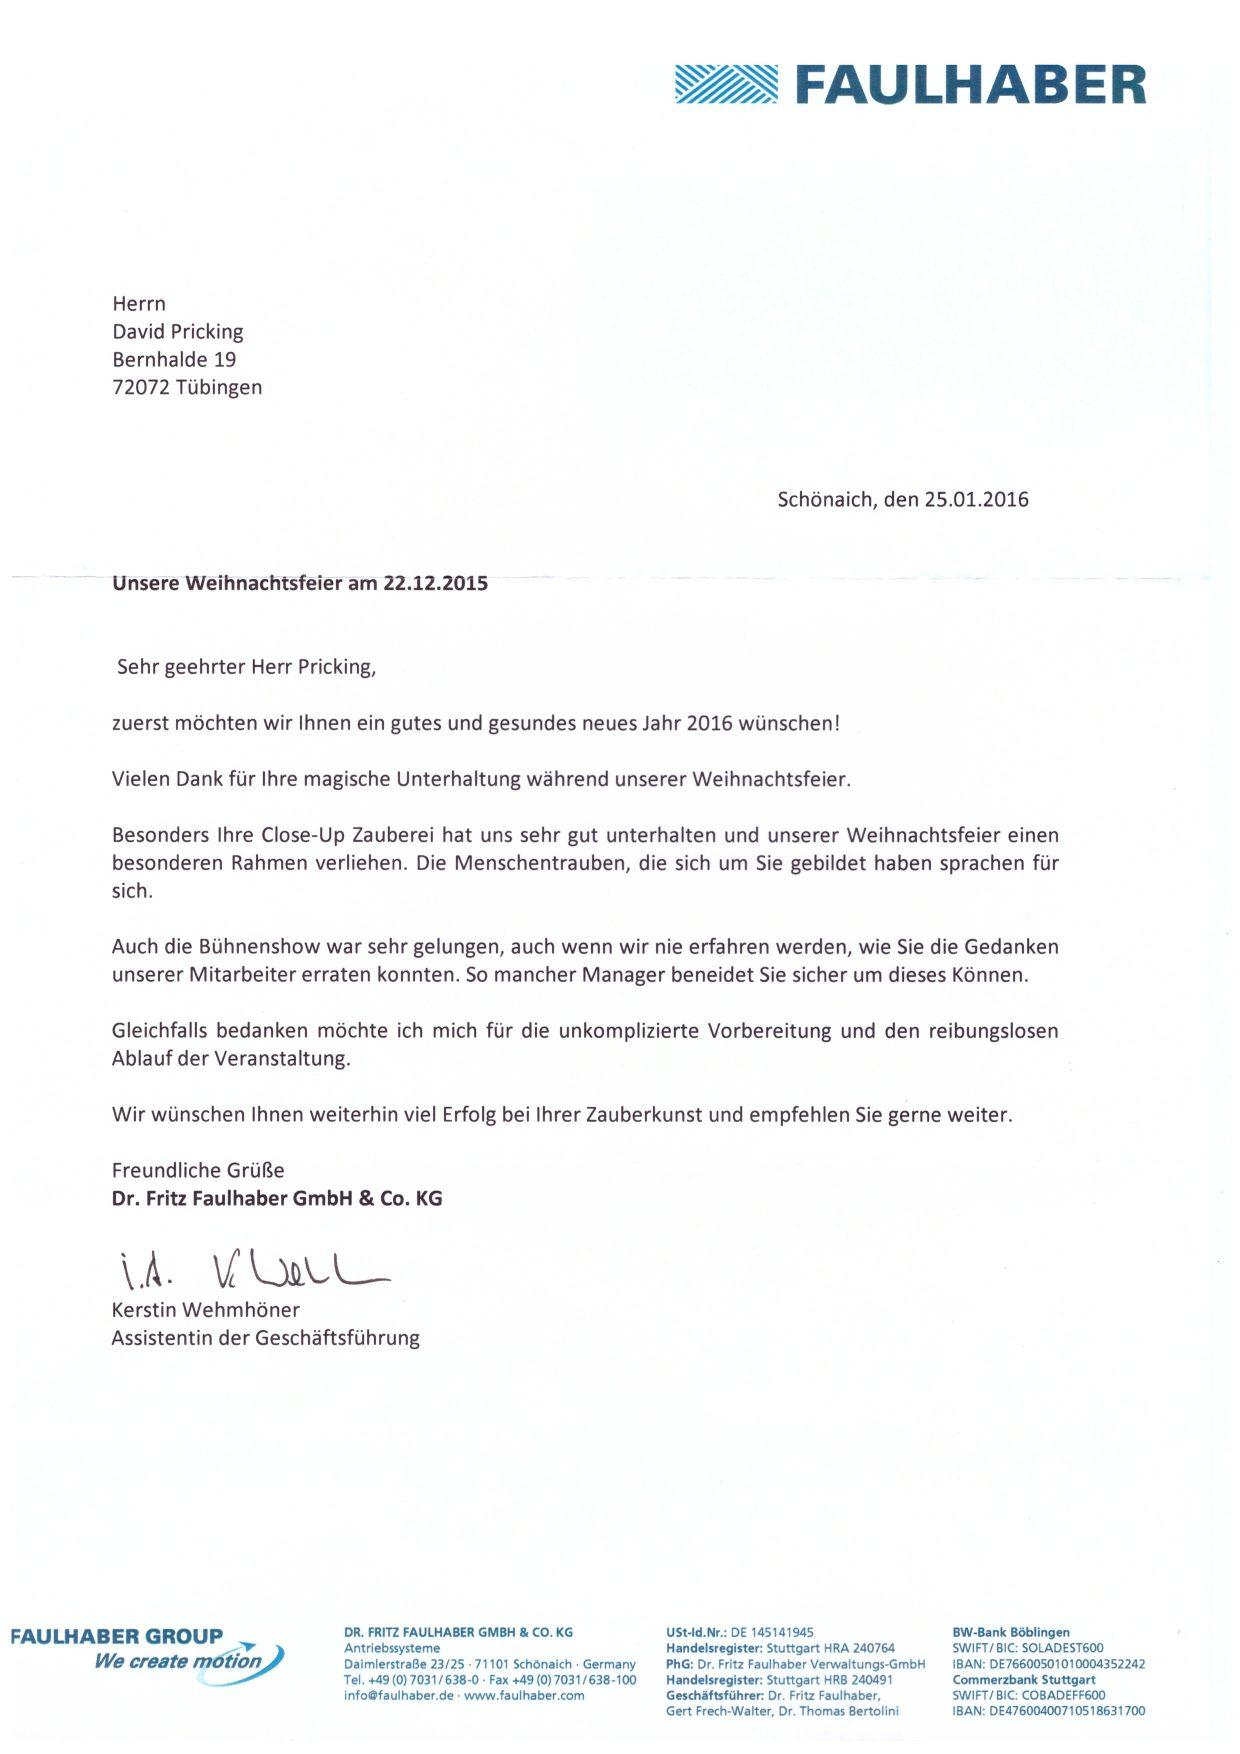 Erfreut Wie Man Einen Mitarbeiter Referenz Brief Schreiben Ideen ...